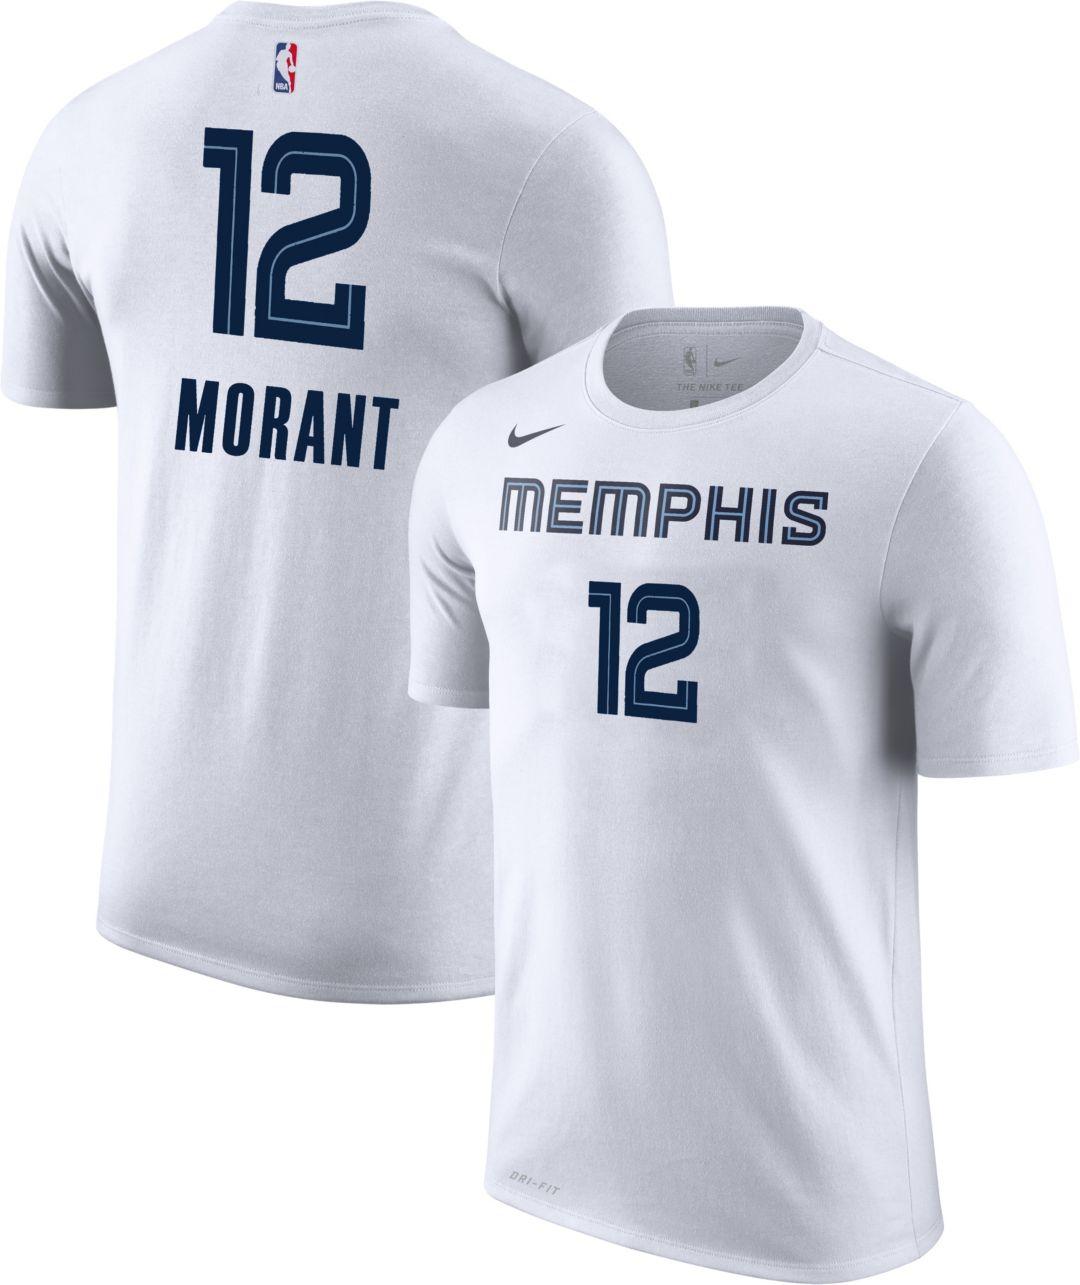 the latest 12c06 e51d3 Nike Youth Memphis Grizzlies Ja Morant #12 Dri-FIT White T-Shirt